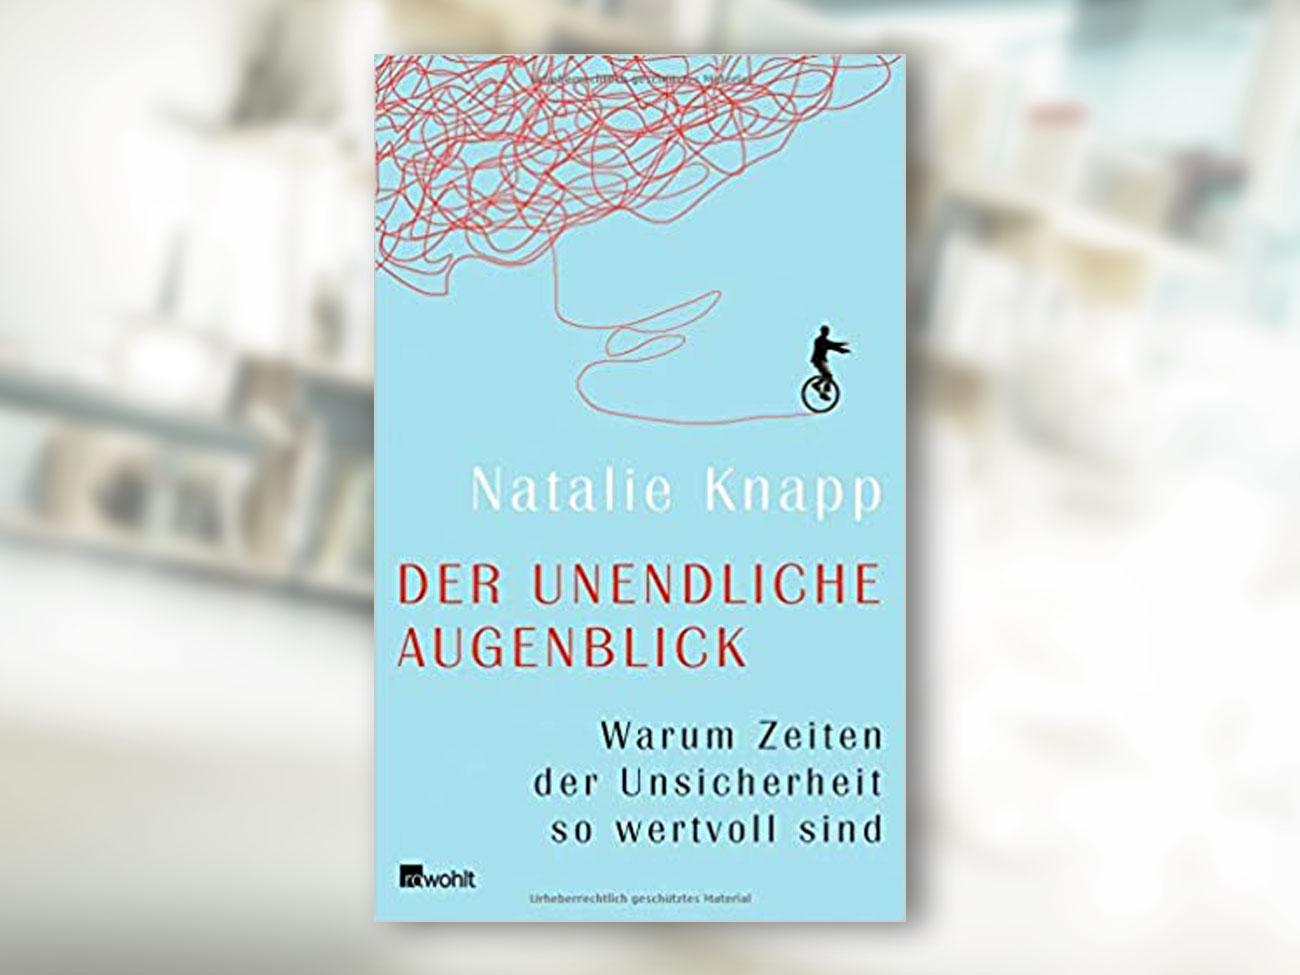 Natalie Knapp, Der unendliche Augenblick